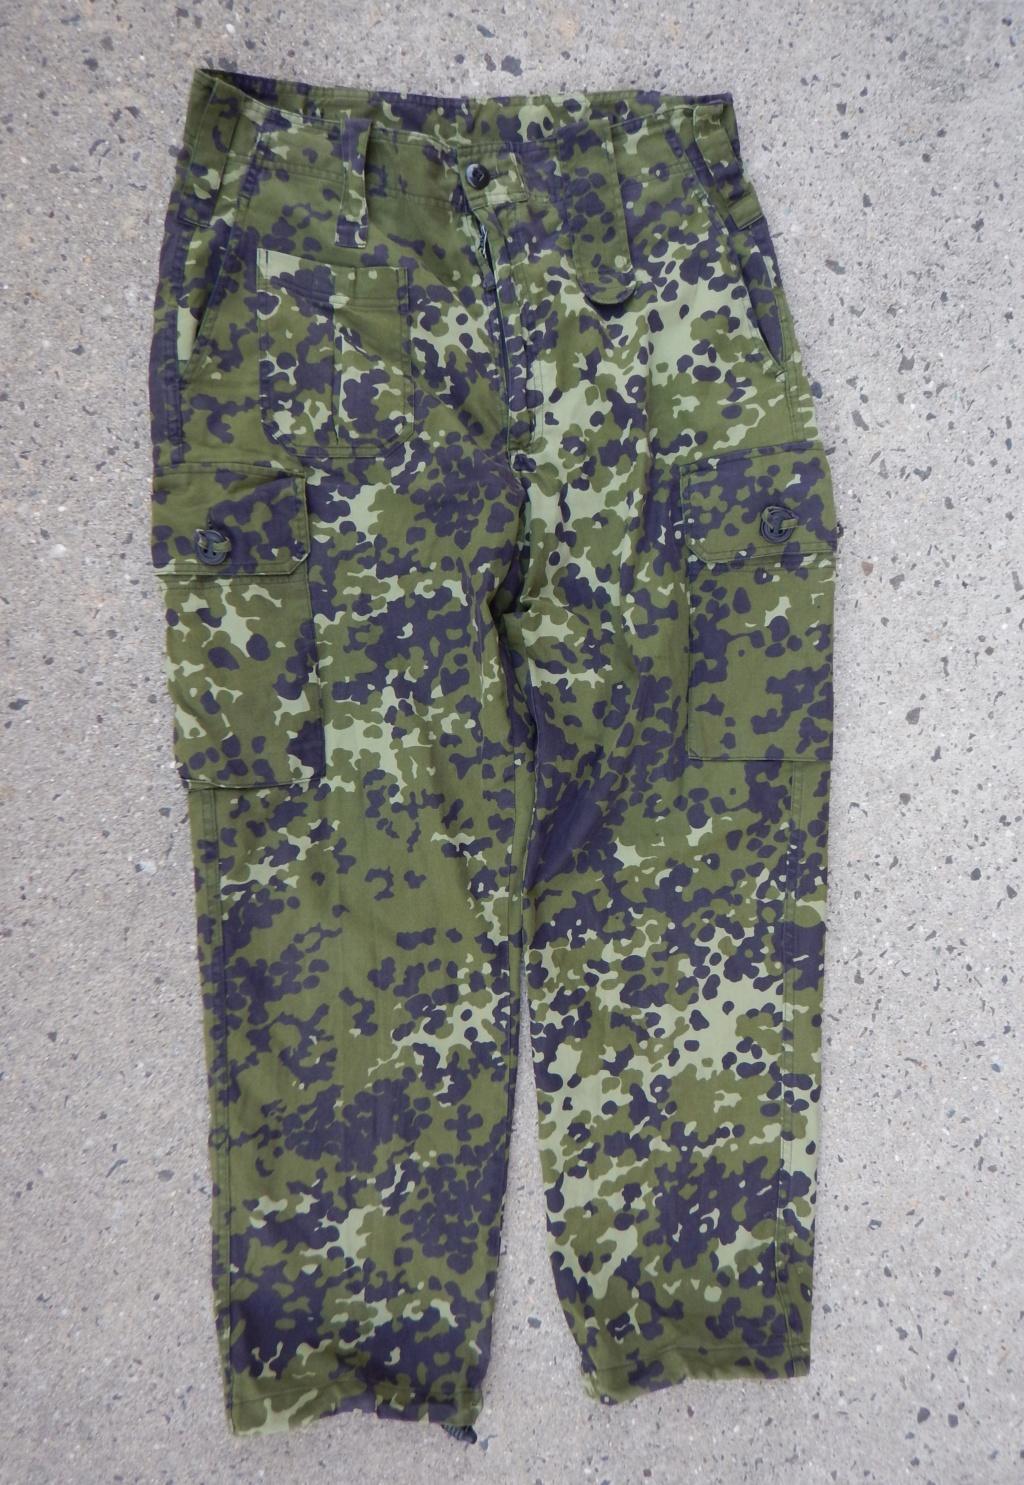 M84 non ripstop combat trousers. Dscn8323